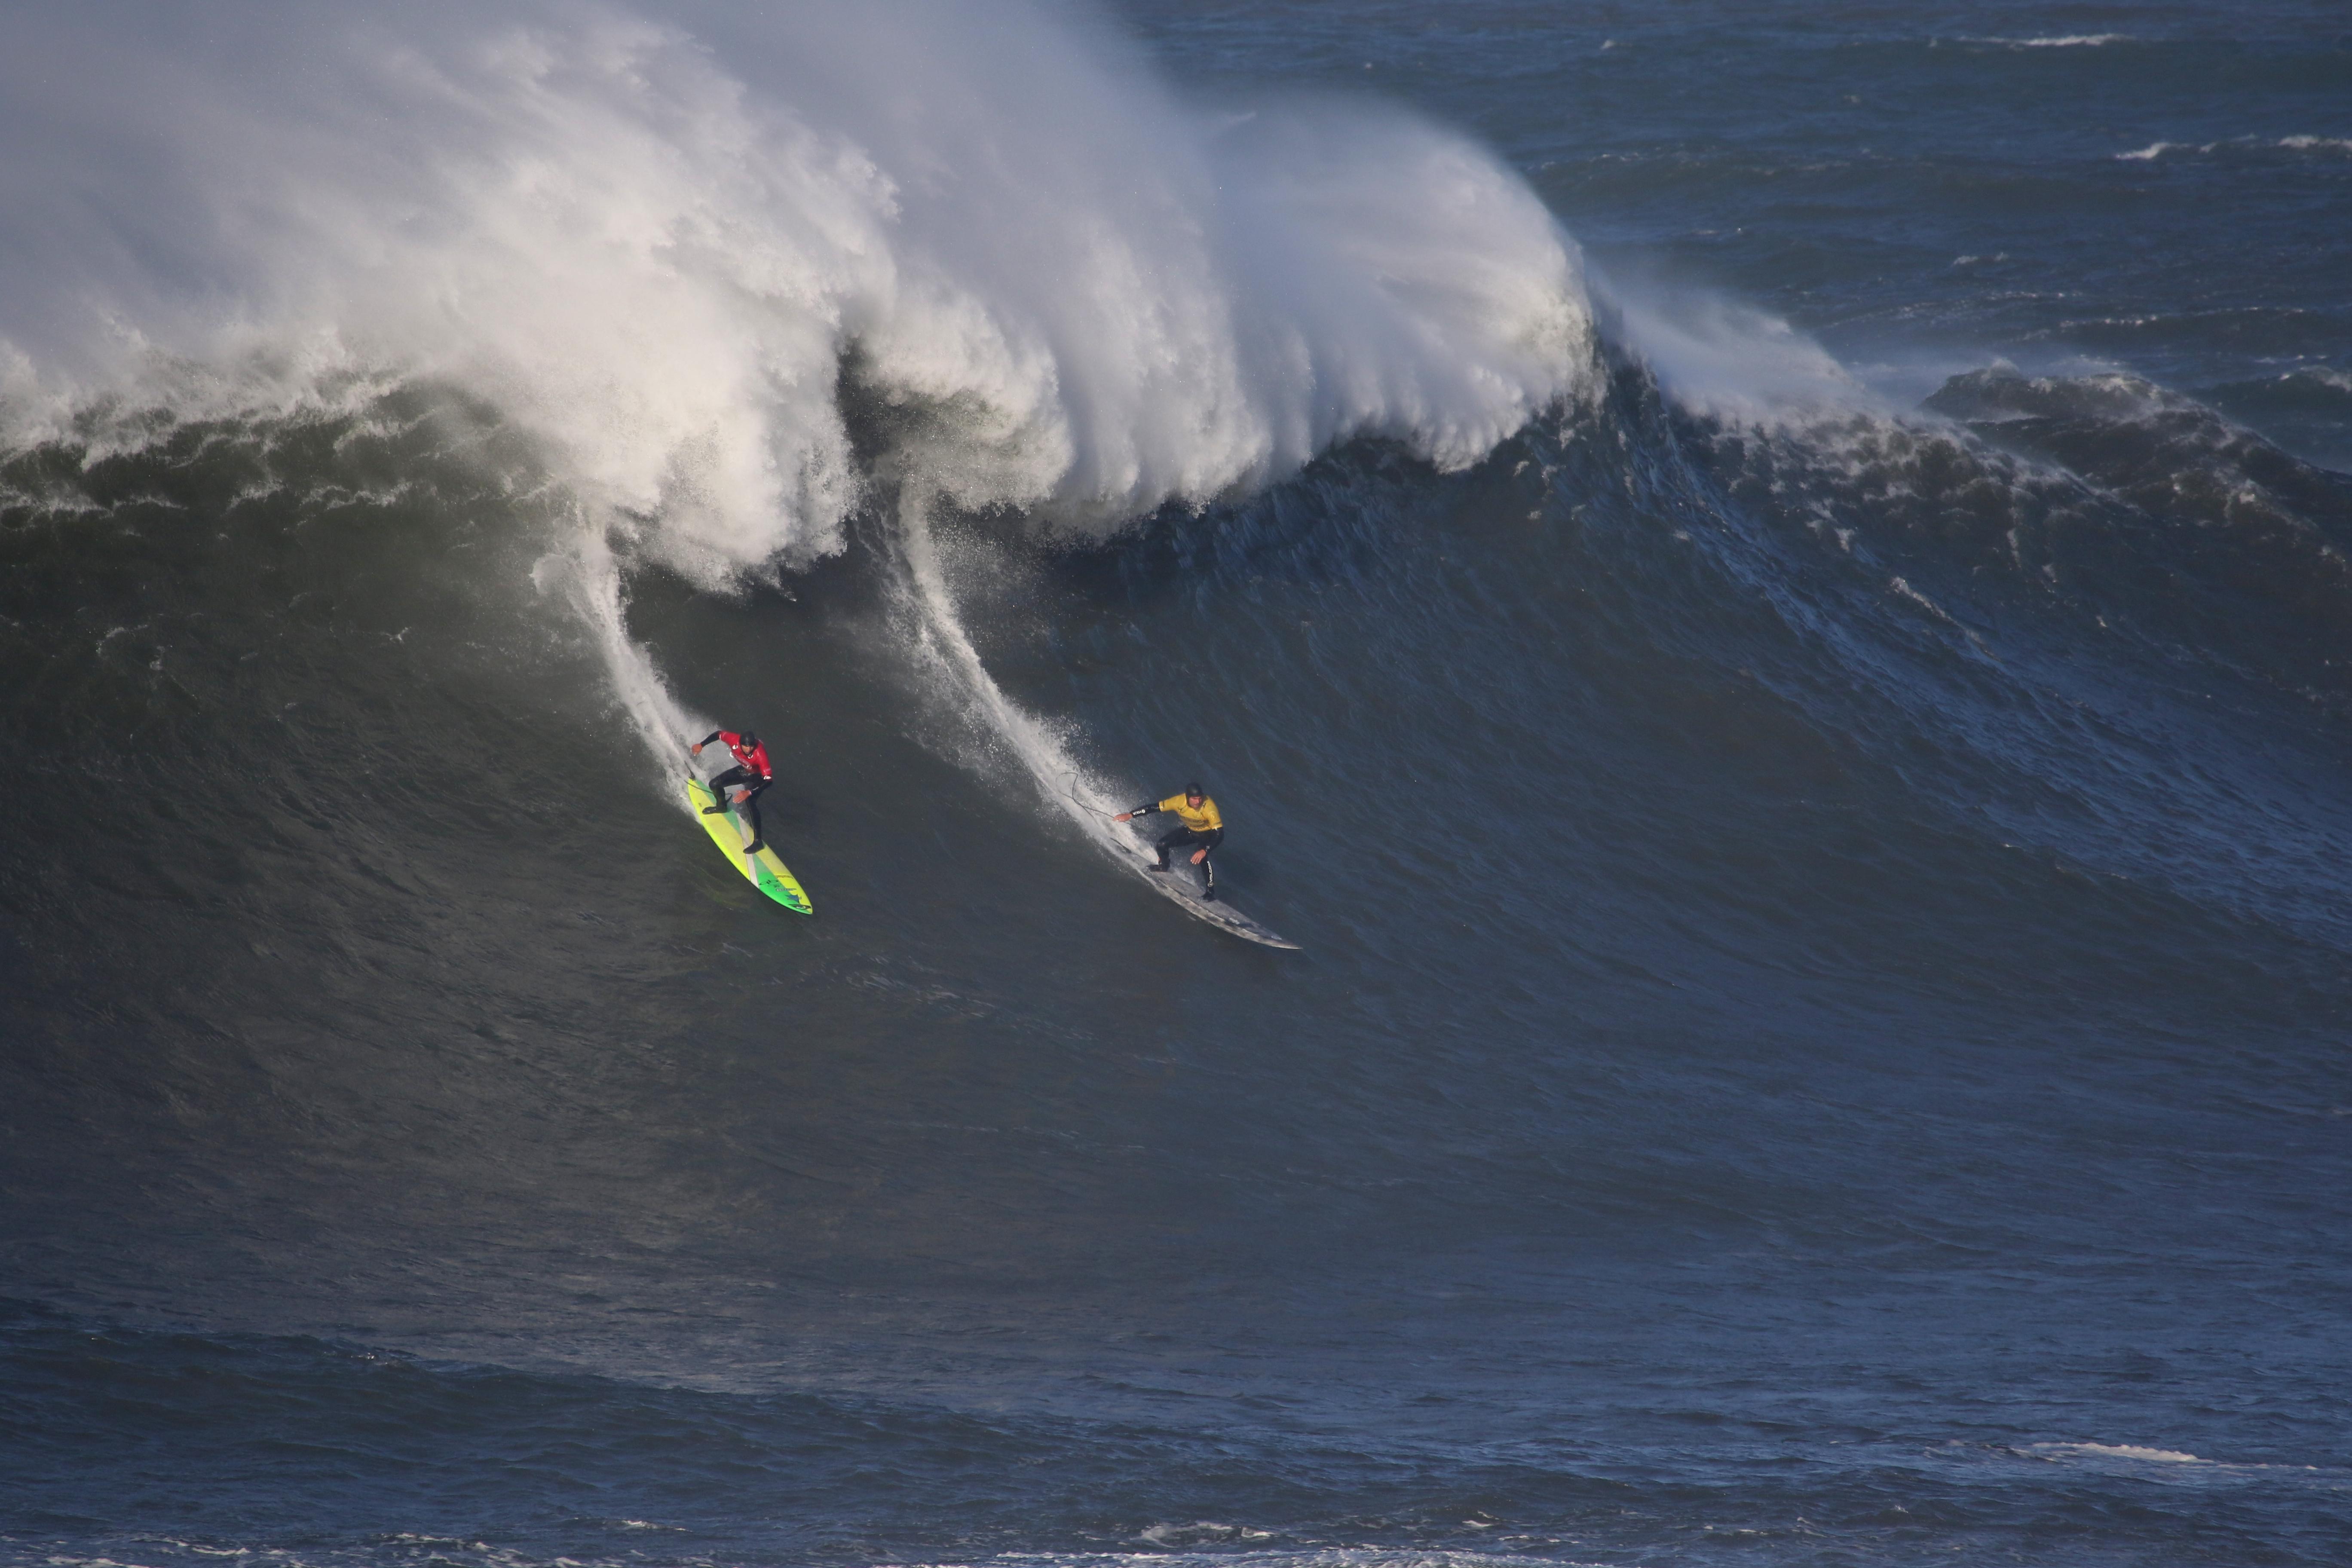 Alex Botelho integra a elite mundial de ondas grandes